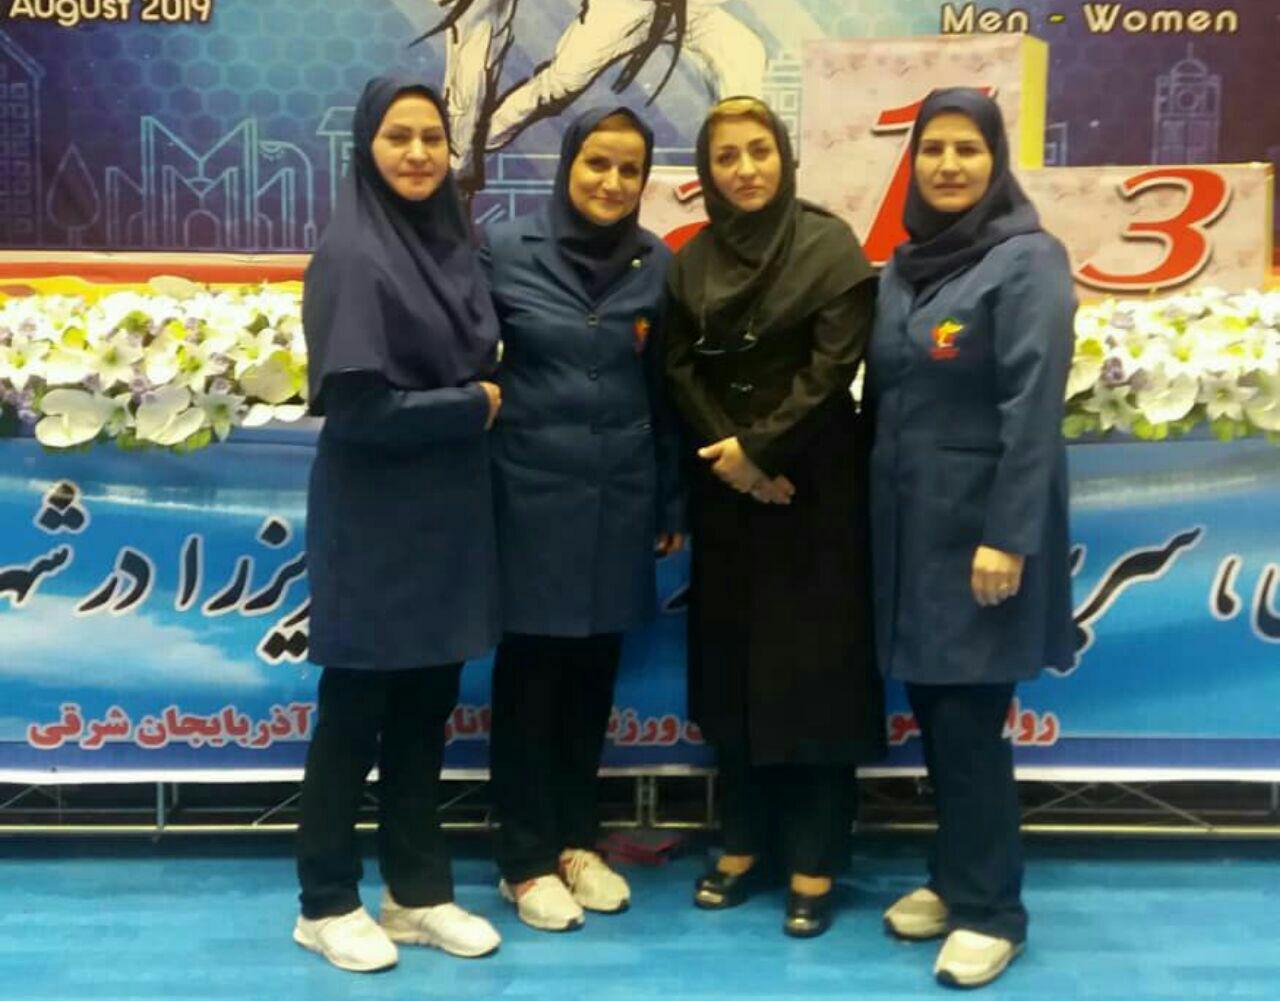 کادر برگزاری و داوران حاضر استان البرز در بیست و چهارمین دوره رقابتهای قهرمانی جوانان و بزرگسالان کشور